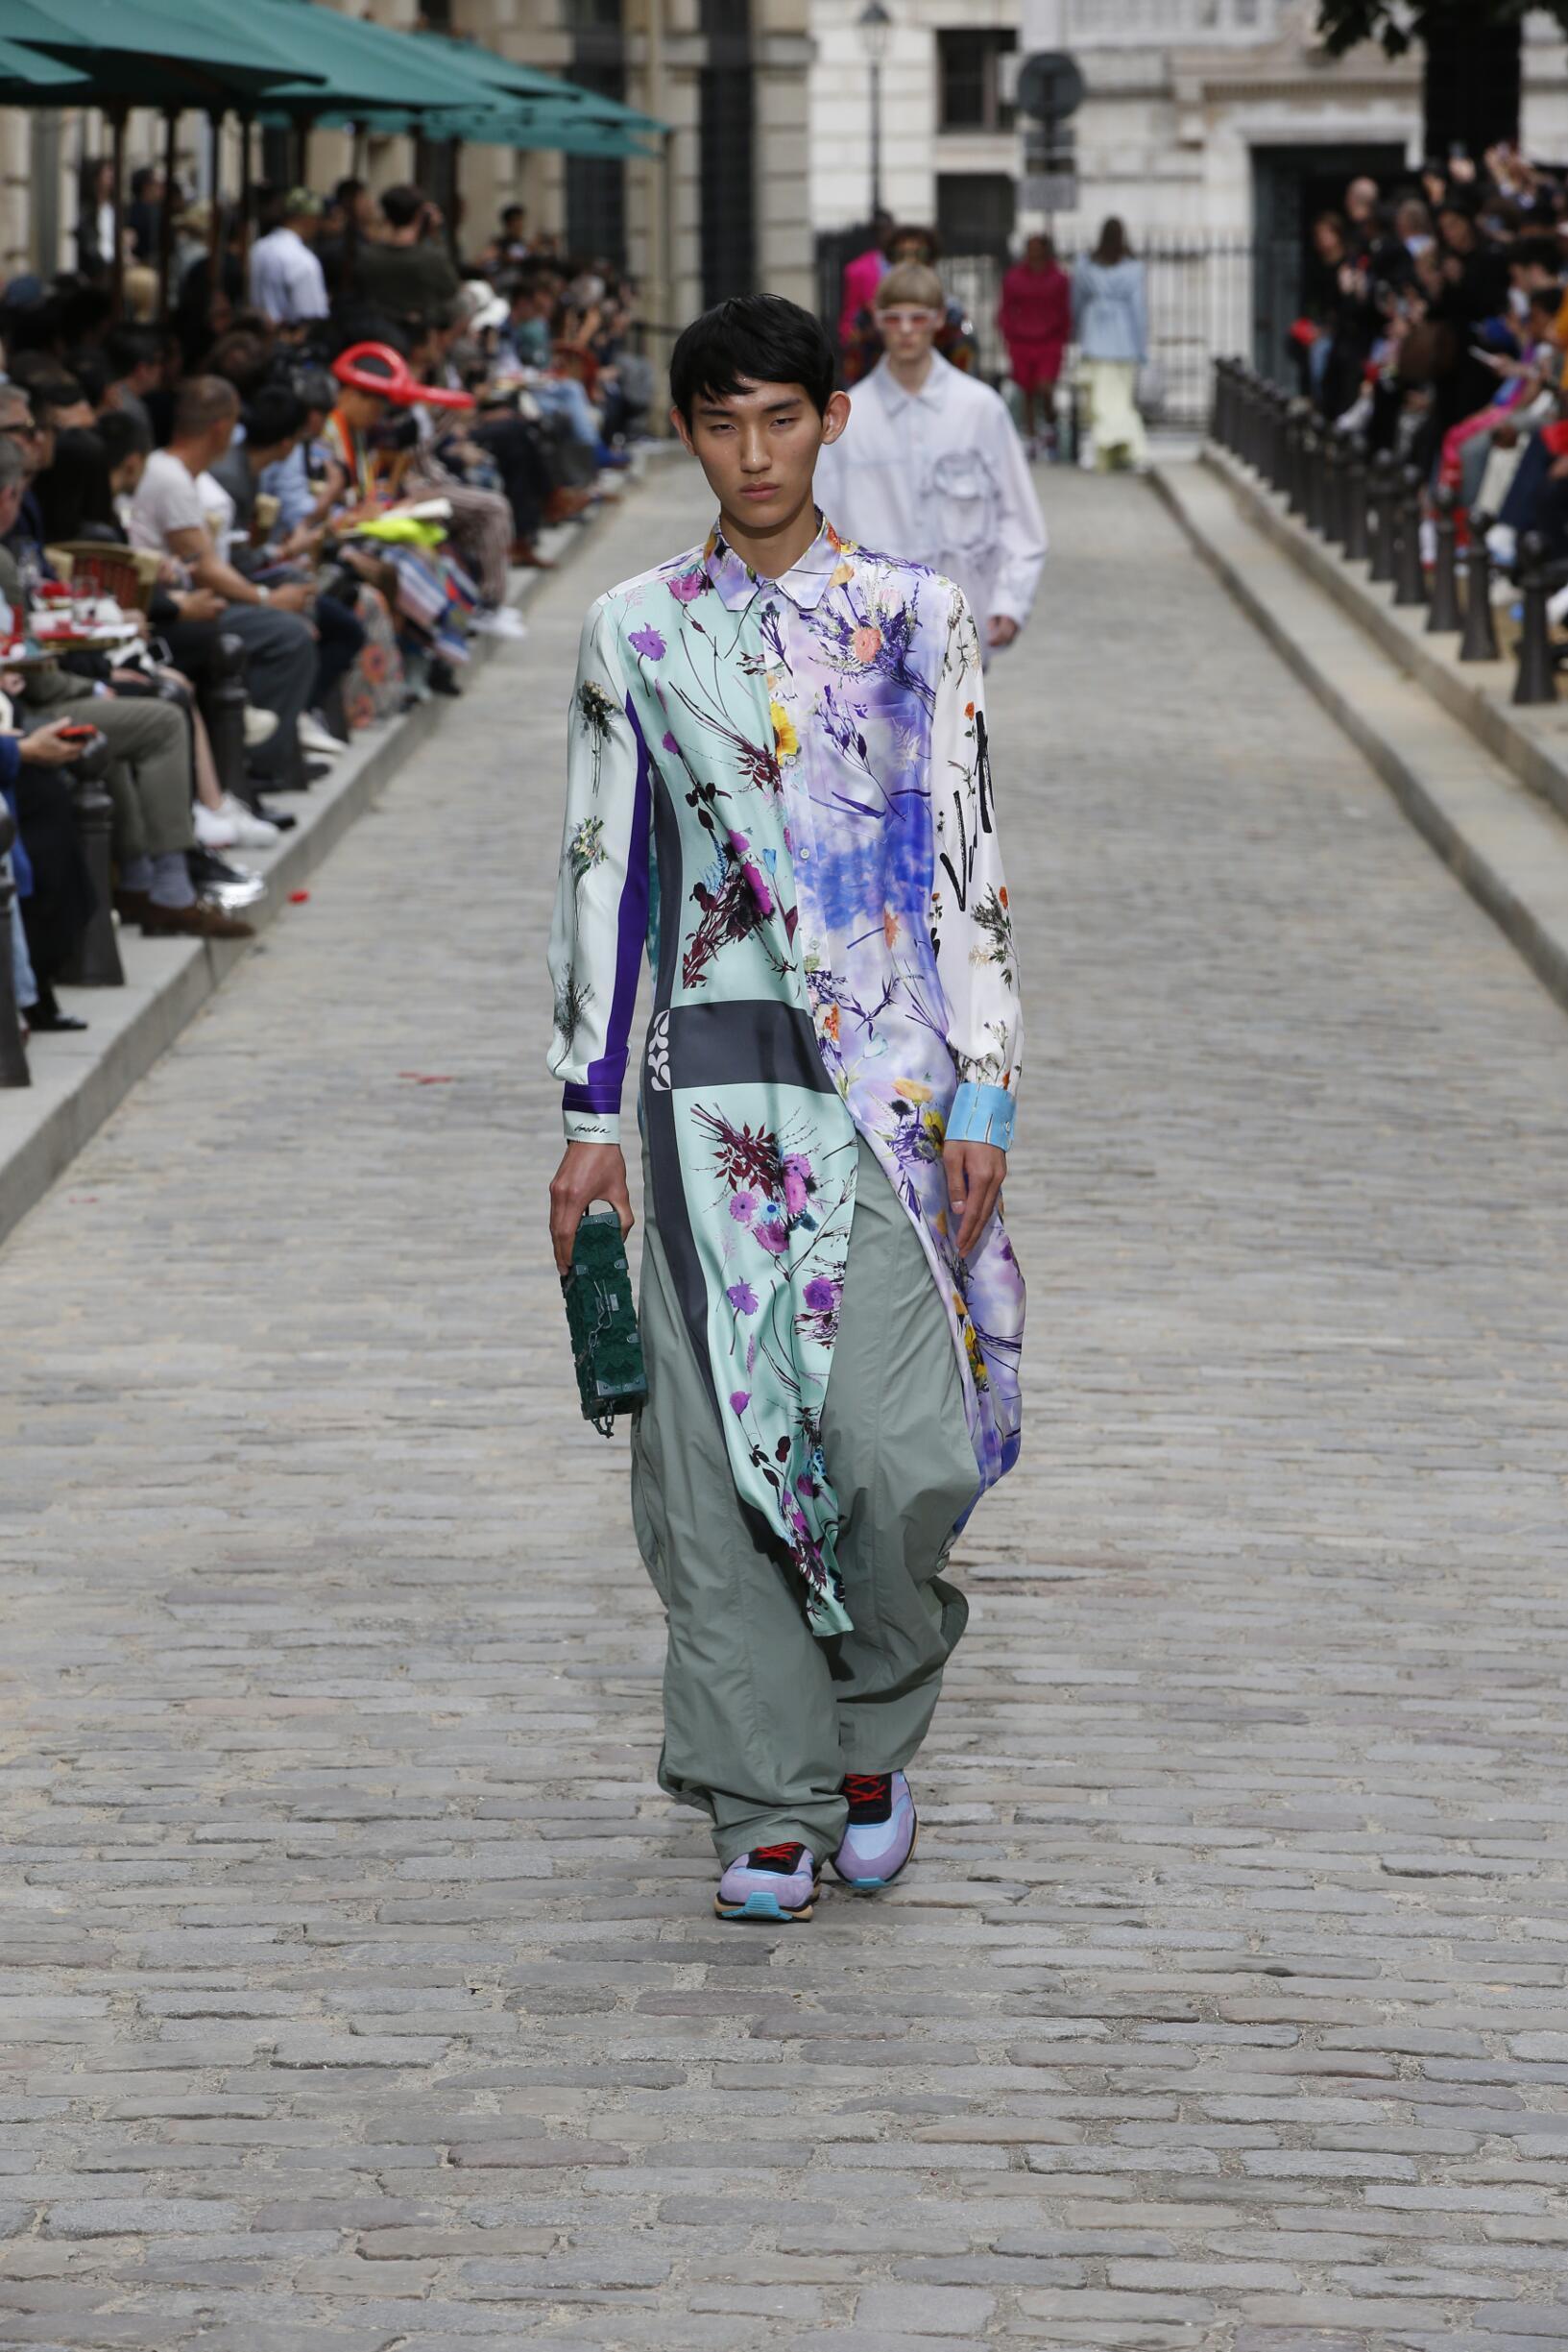 Fashion Model Man Louis Vuitton Catwalk